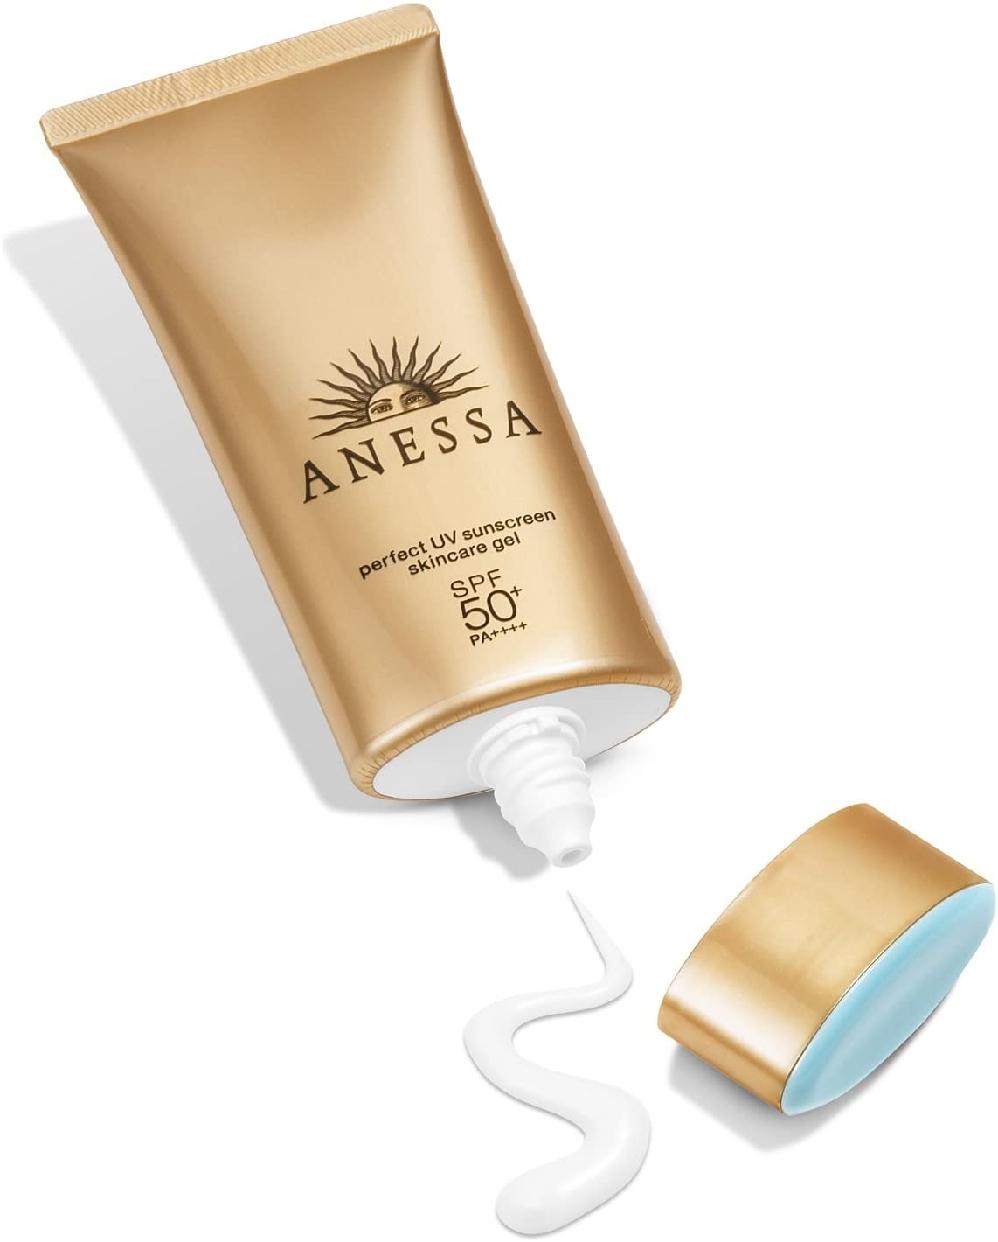 ANESSA(アネッサ) パーフェクトUV スキンケアジェル aの商品画像10